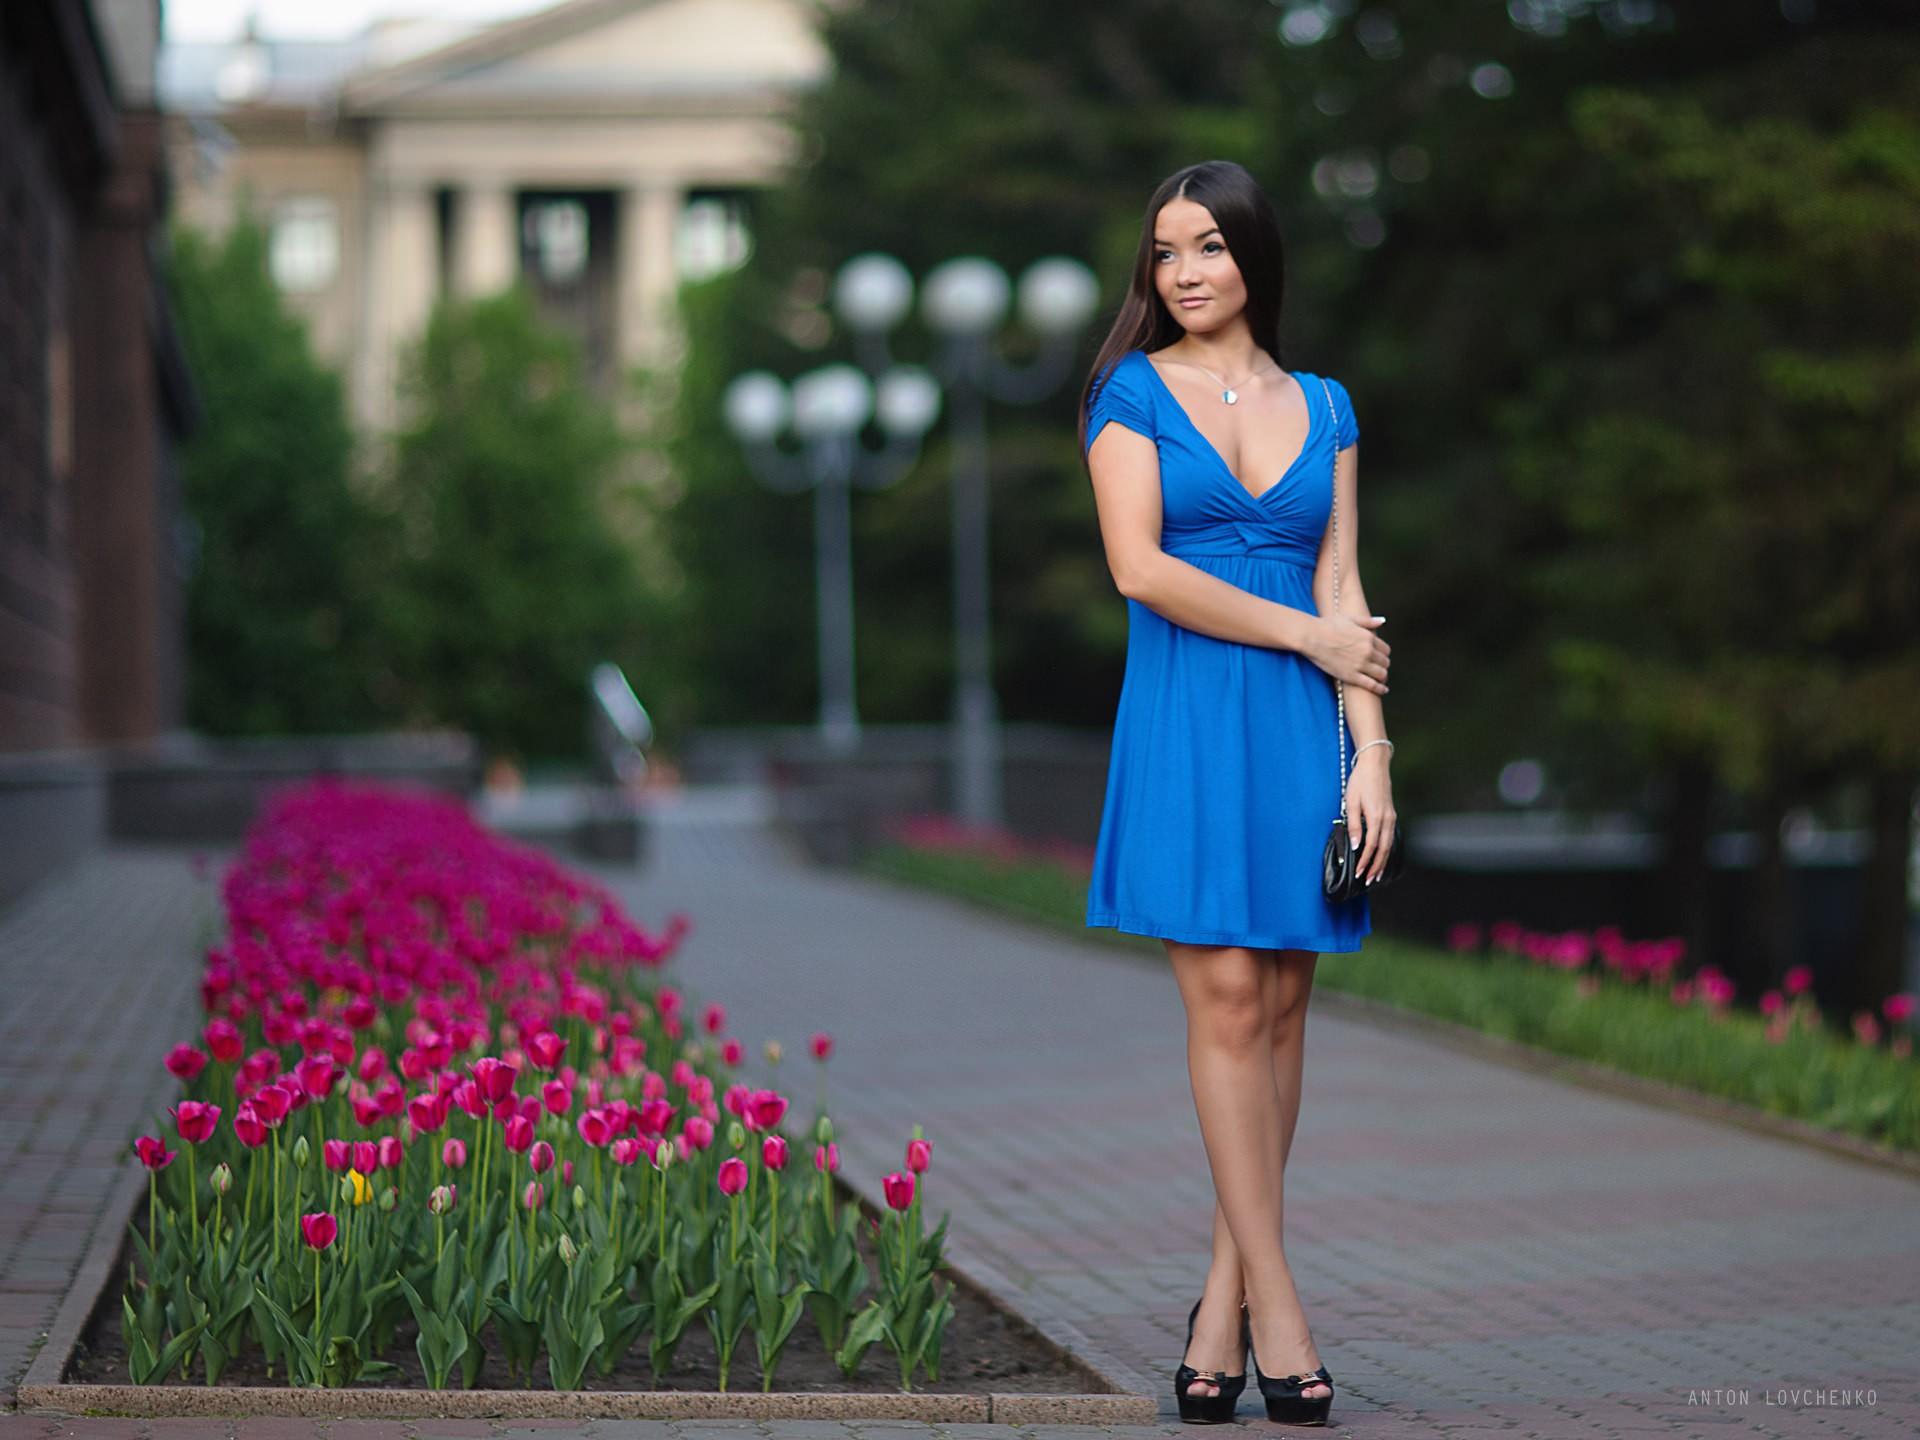 фото девушек в голубом платье музыку погромче